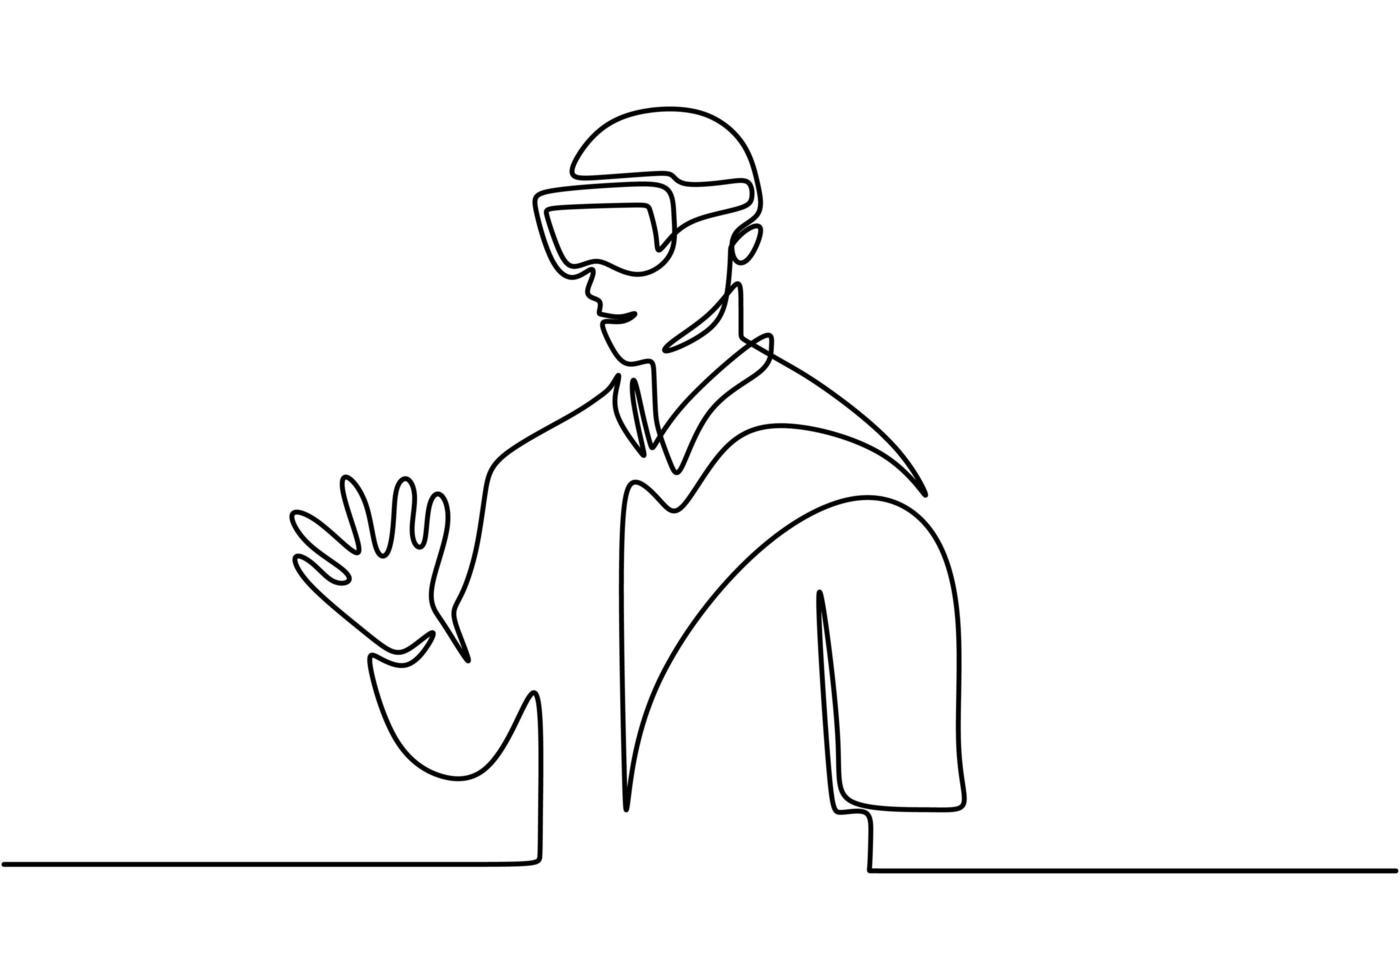 una linea continua disegno uomo in occhiali dispositivo realtà virtuale, semplicità di illustrazione vettoriale. tecnologia del futuro elettronica disegnata a mano minimalismo. vettore